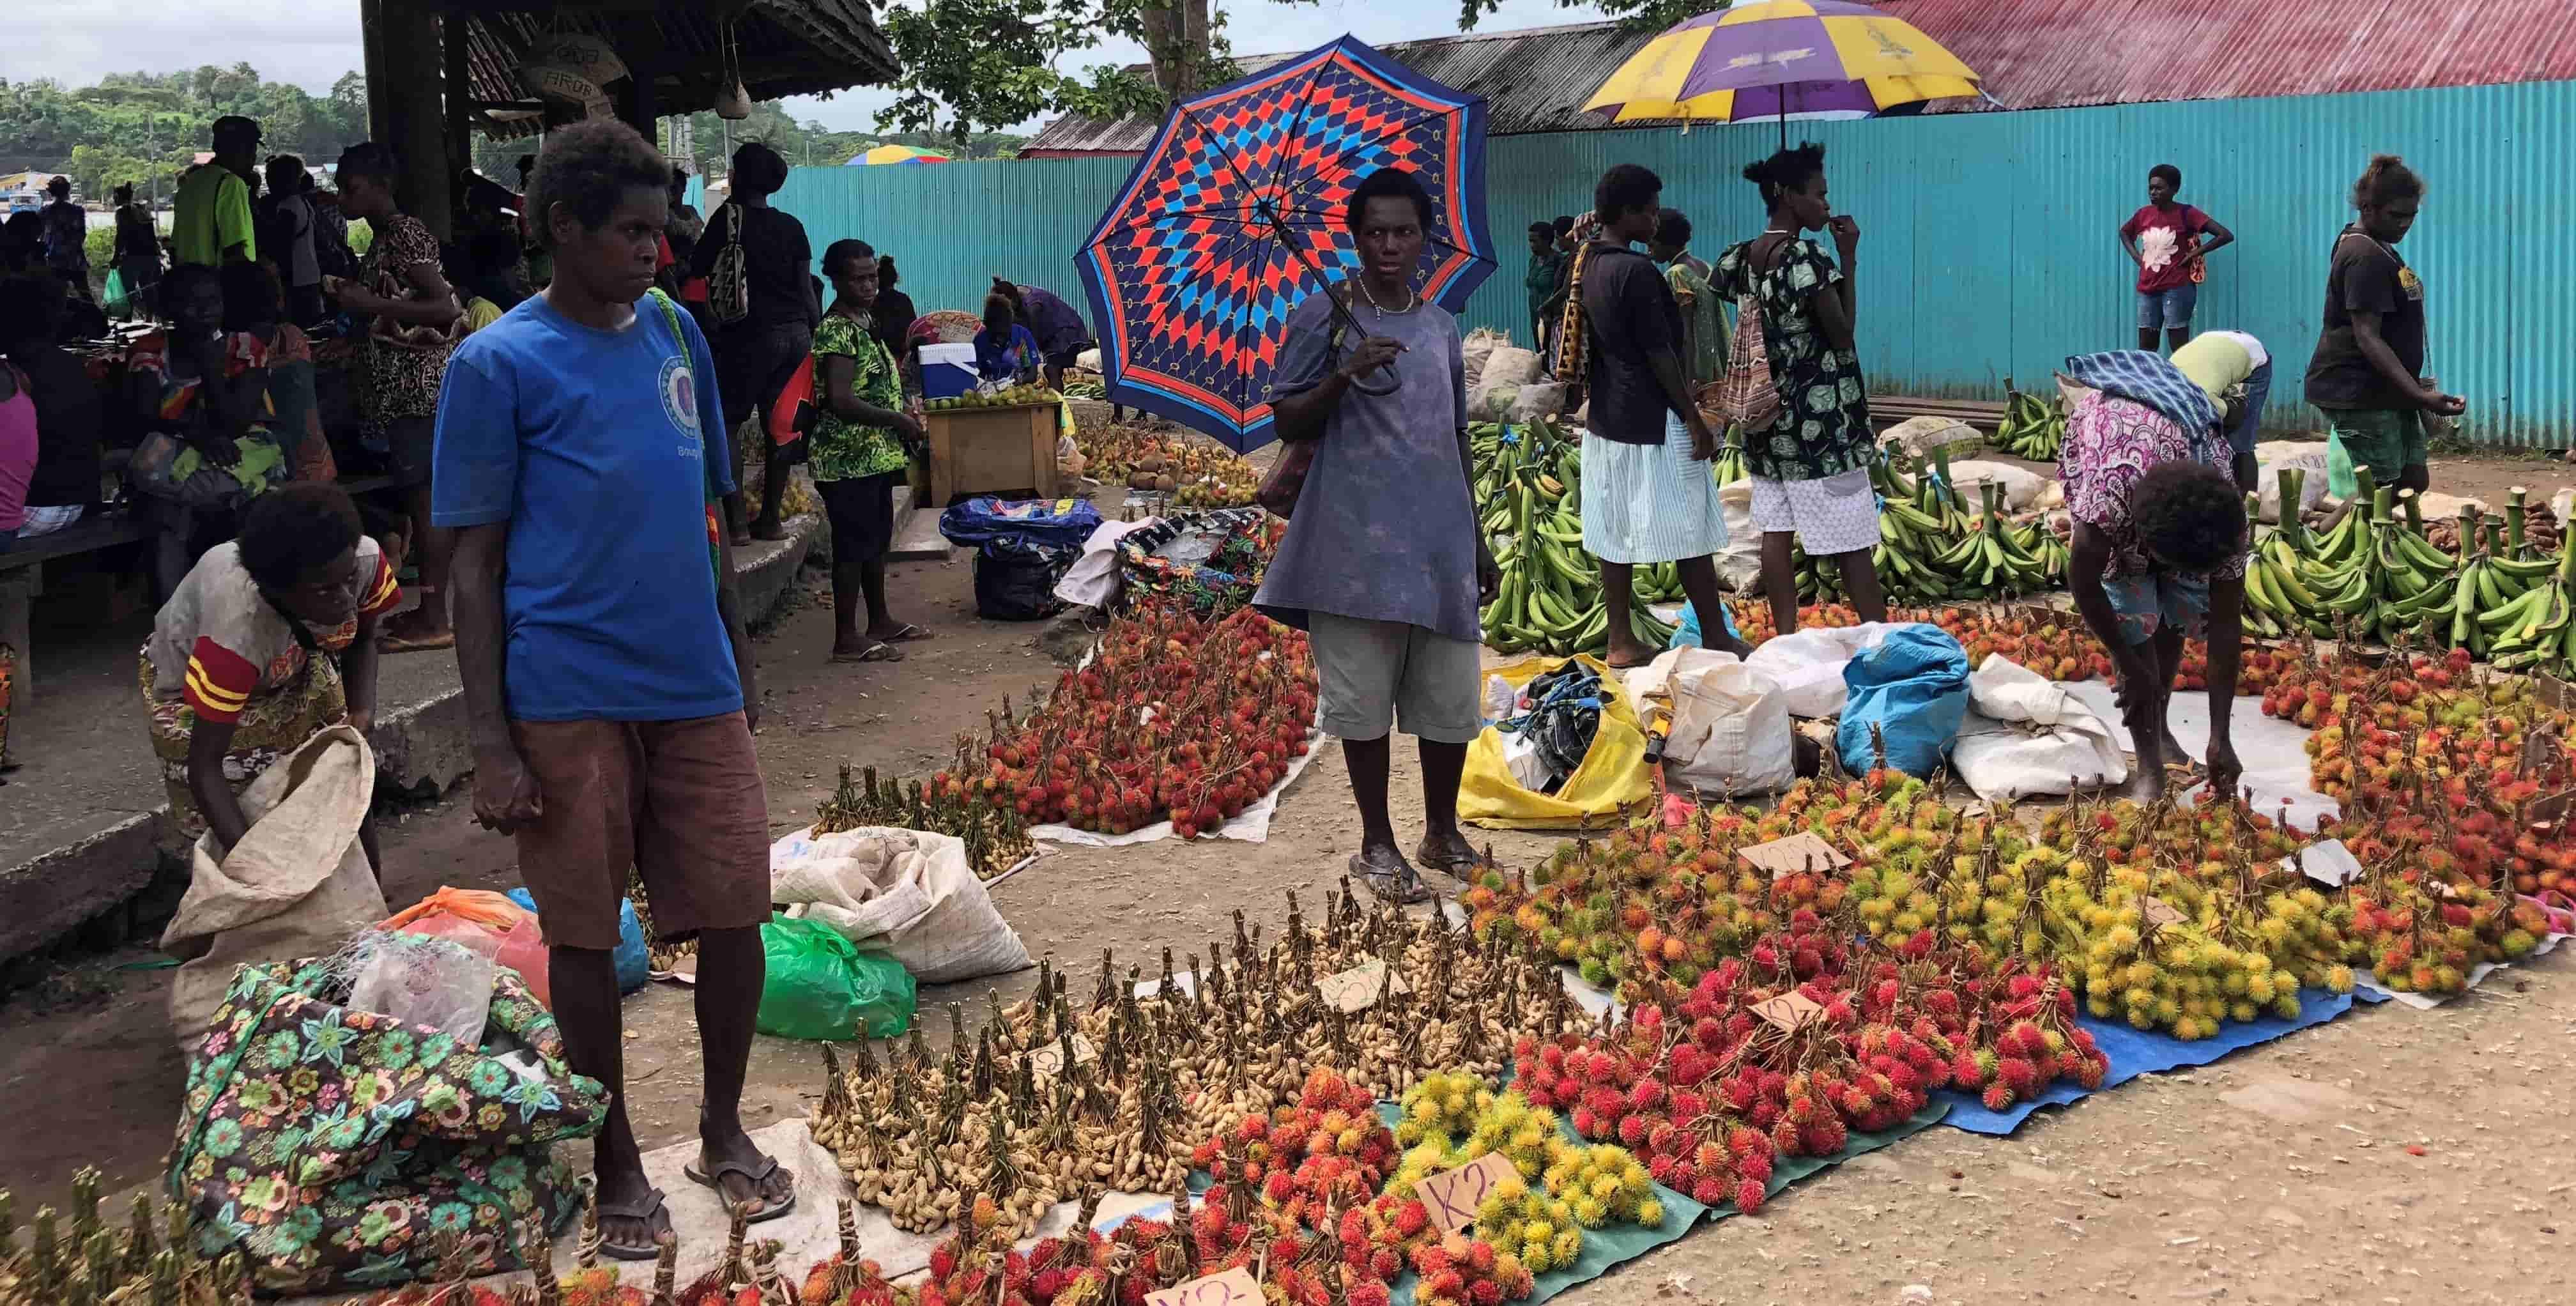 Market in Buka, Bougainville. (Photo: Nicole George)